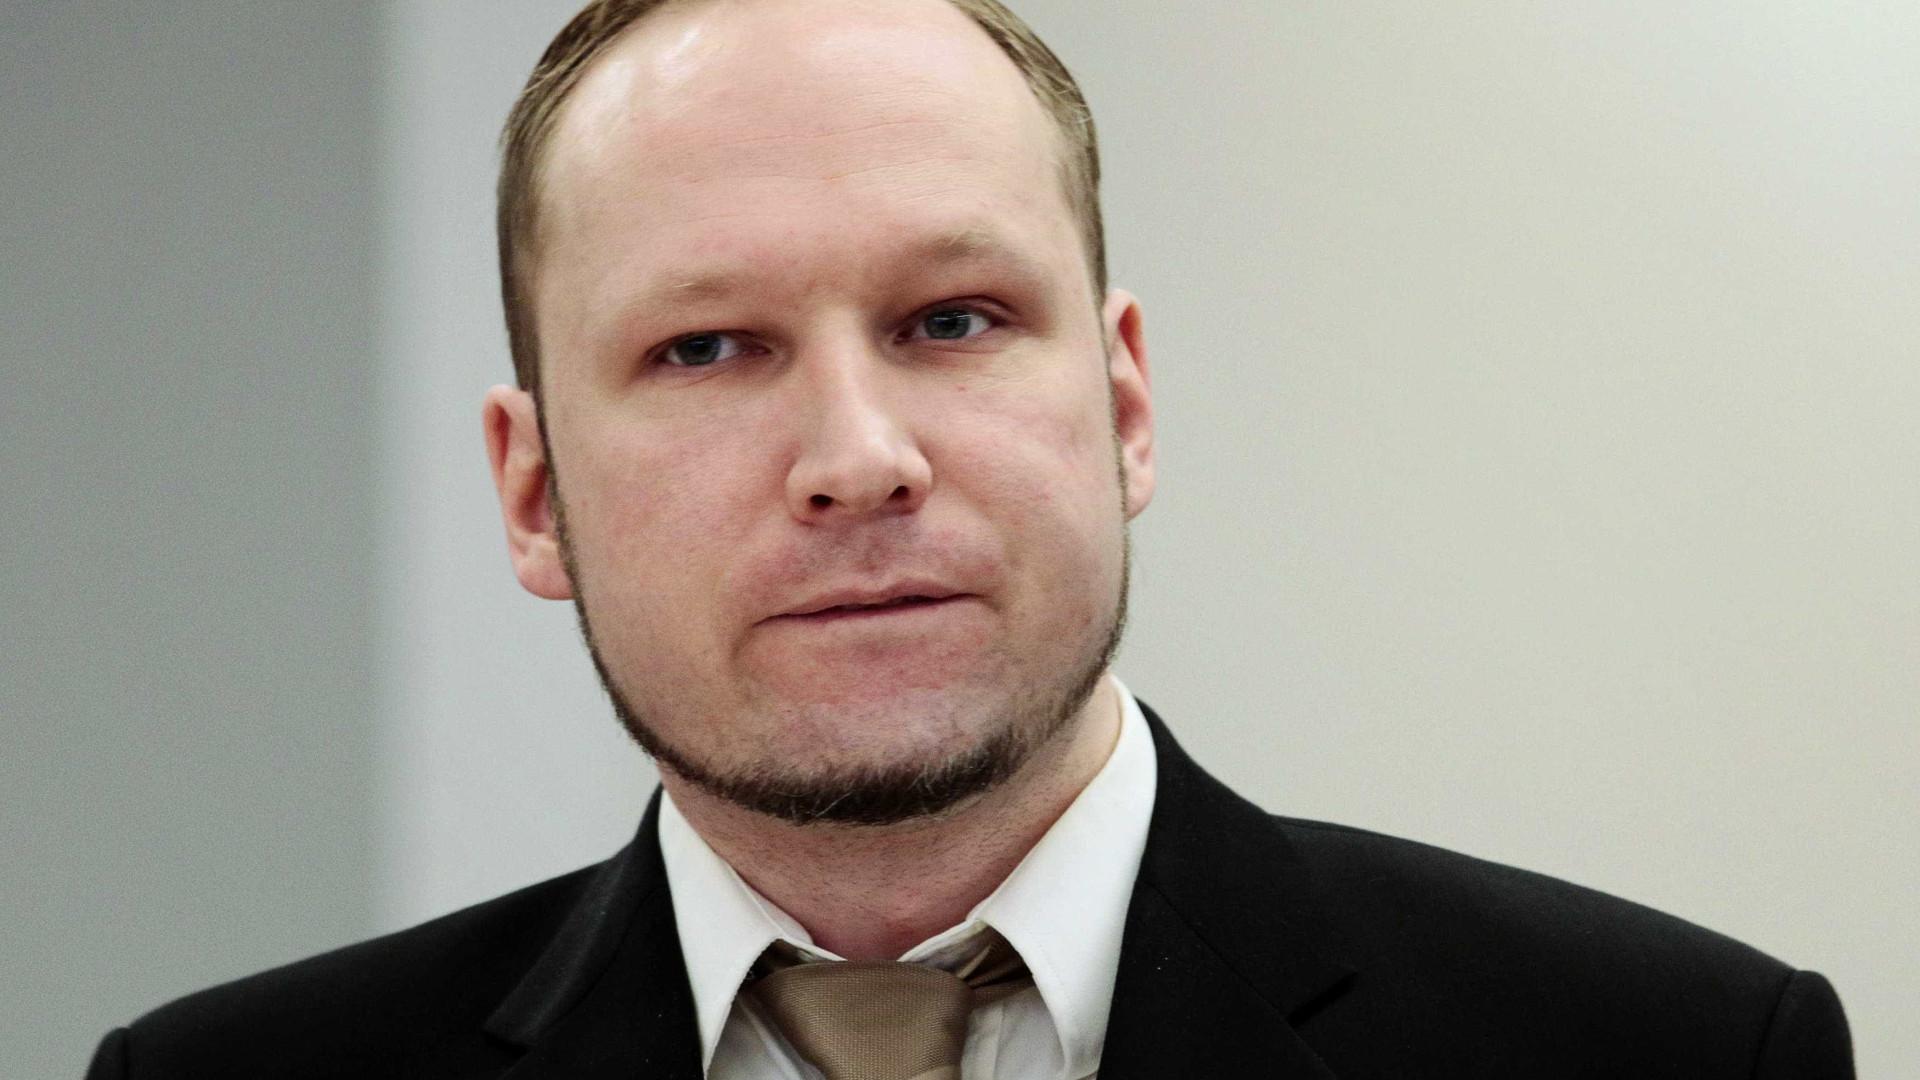 Breivik continua isolado para não espalhar ideologia nazi